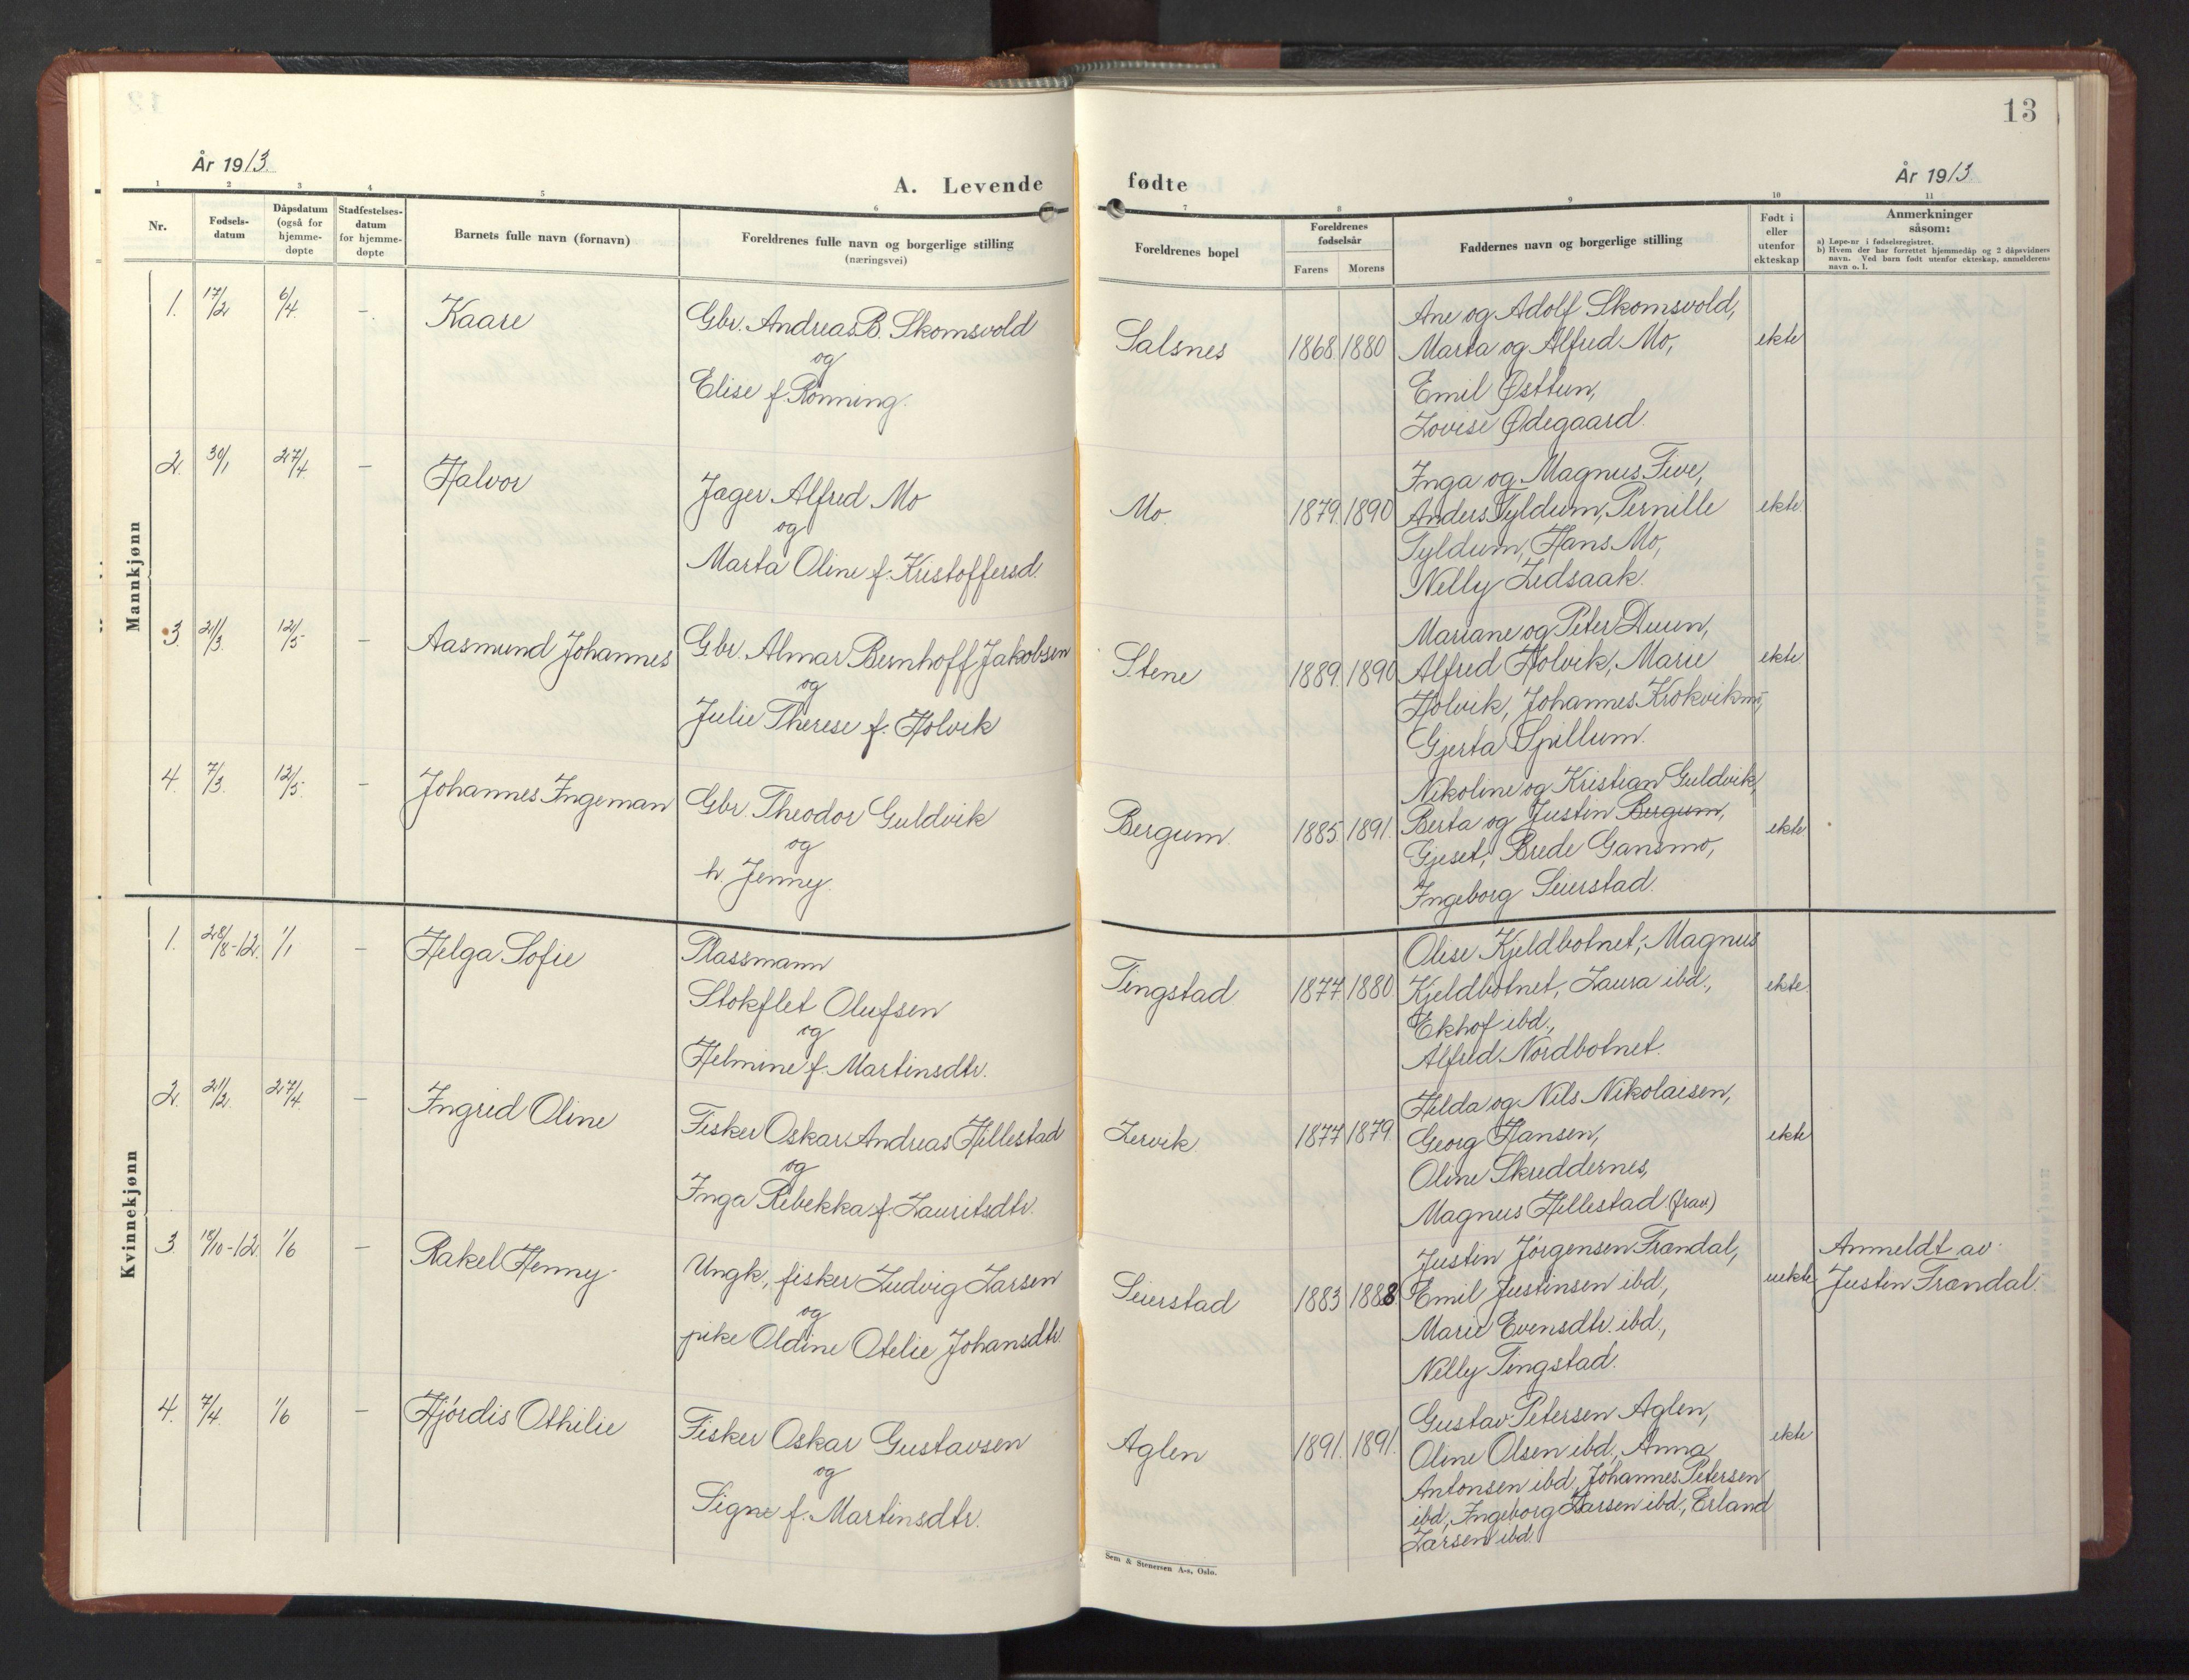 SAT, Ministerialprotokoller, klokkerbøker og fødselsregistre - Nord-Trøndelag, 773/L0625: Klokkerbok nr. 773C01, 1910-1952, s. 13